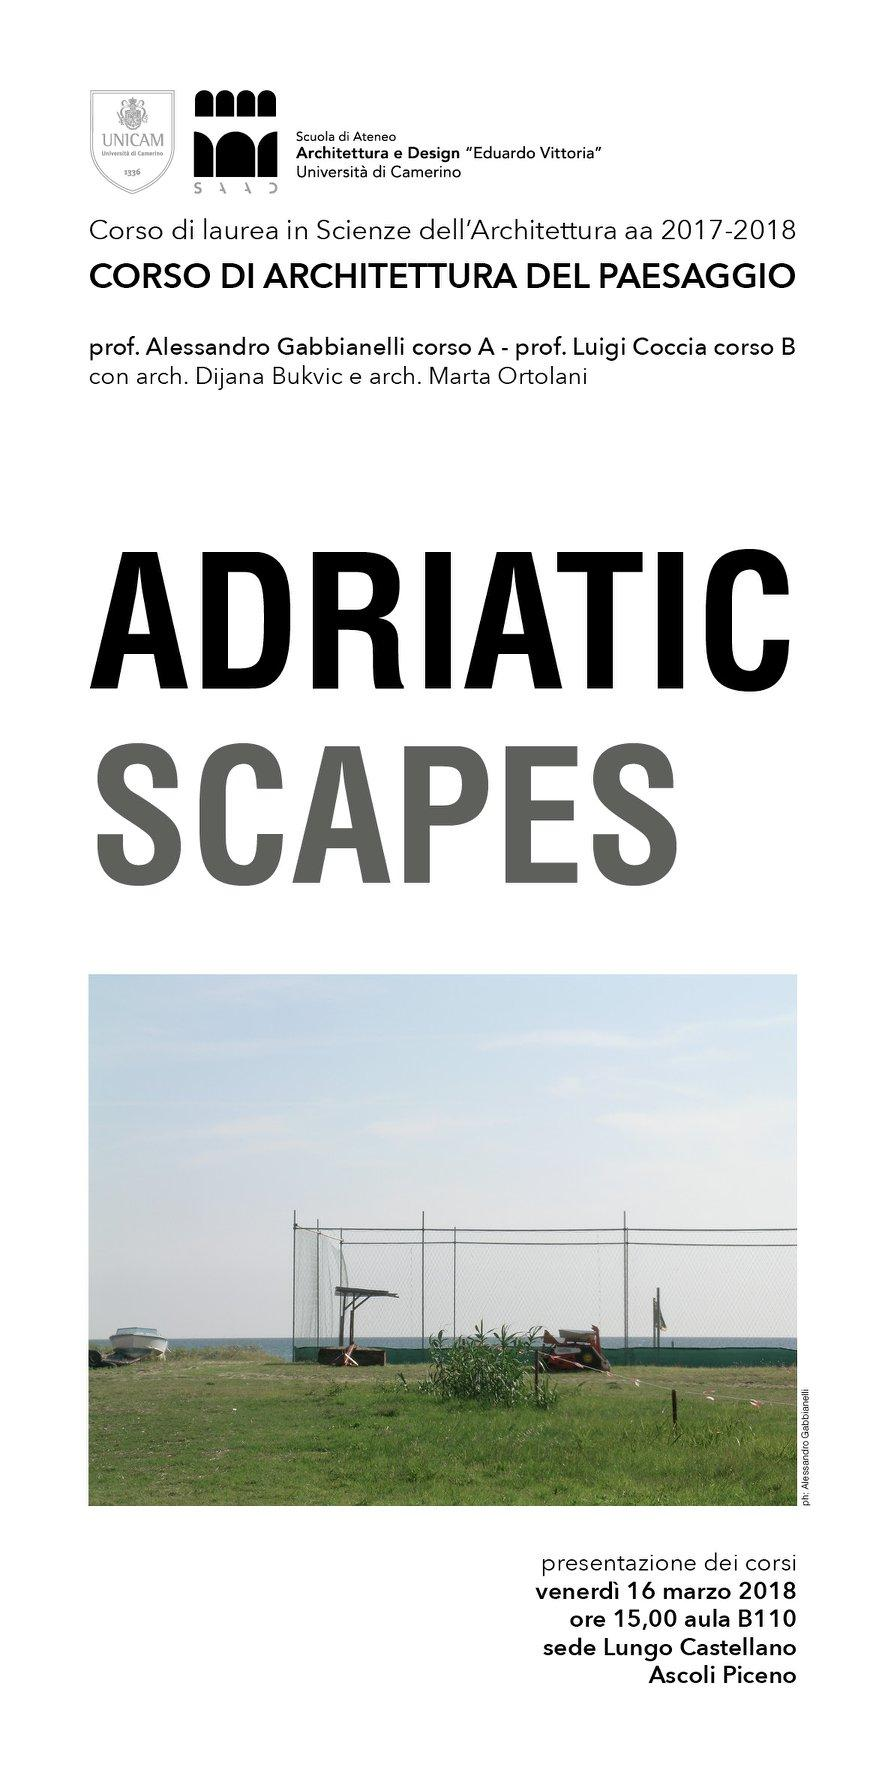 adriatic scapes